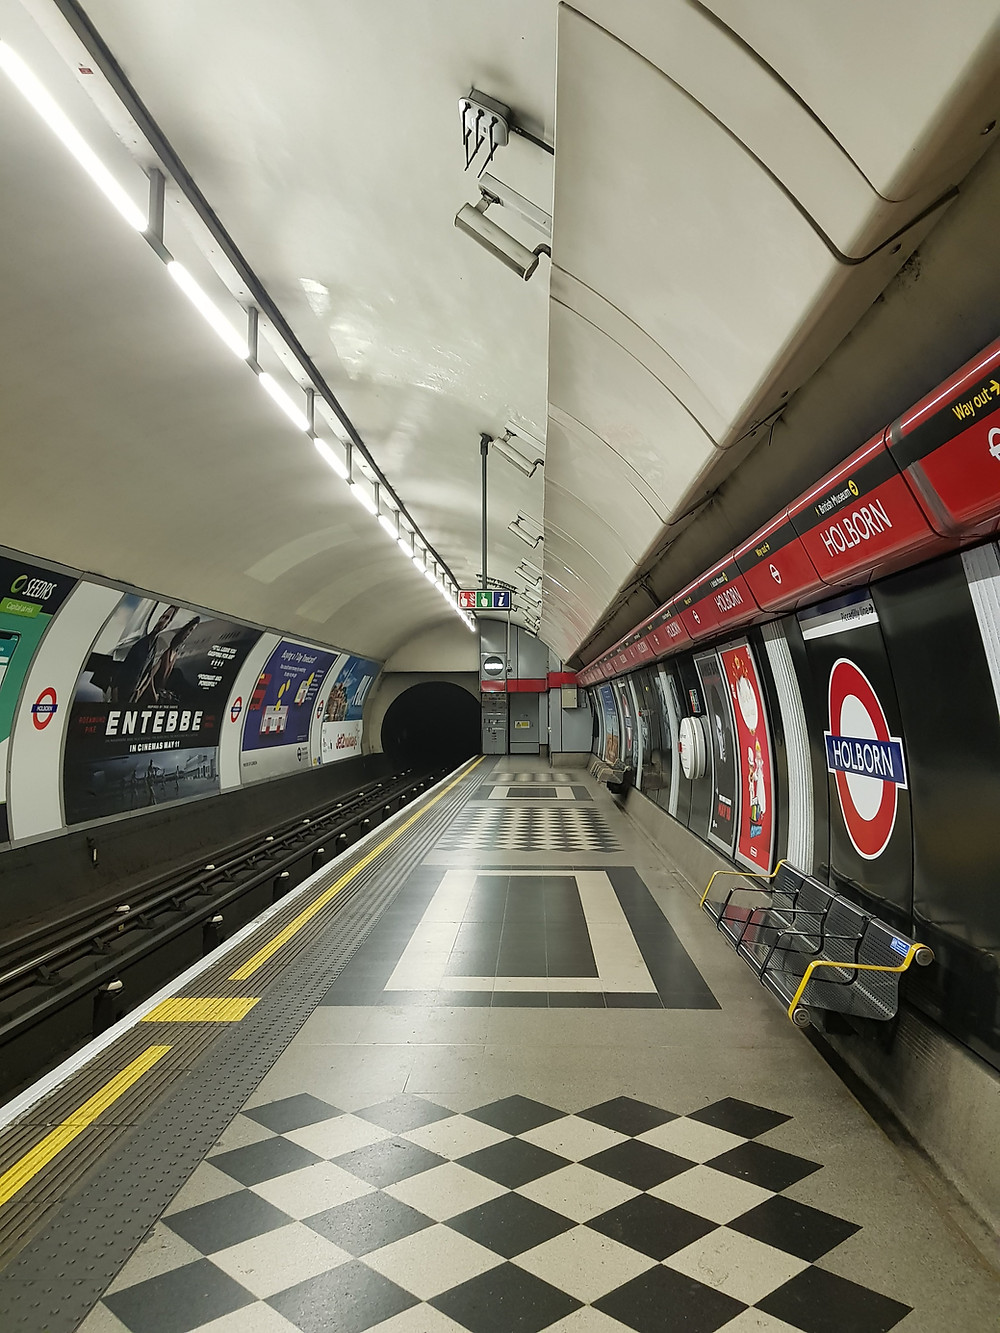 Estação de metrô Holborn